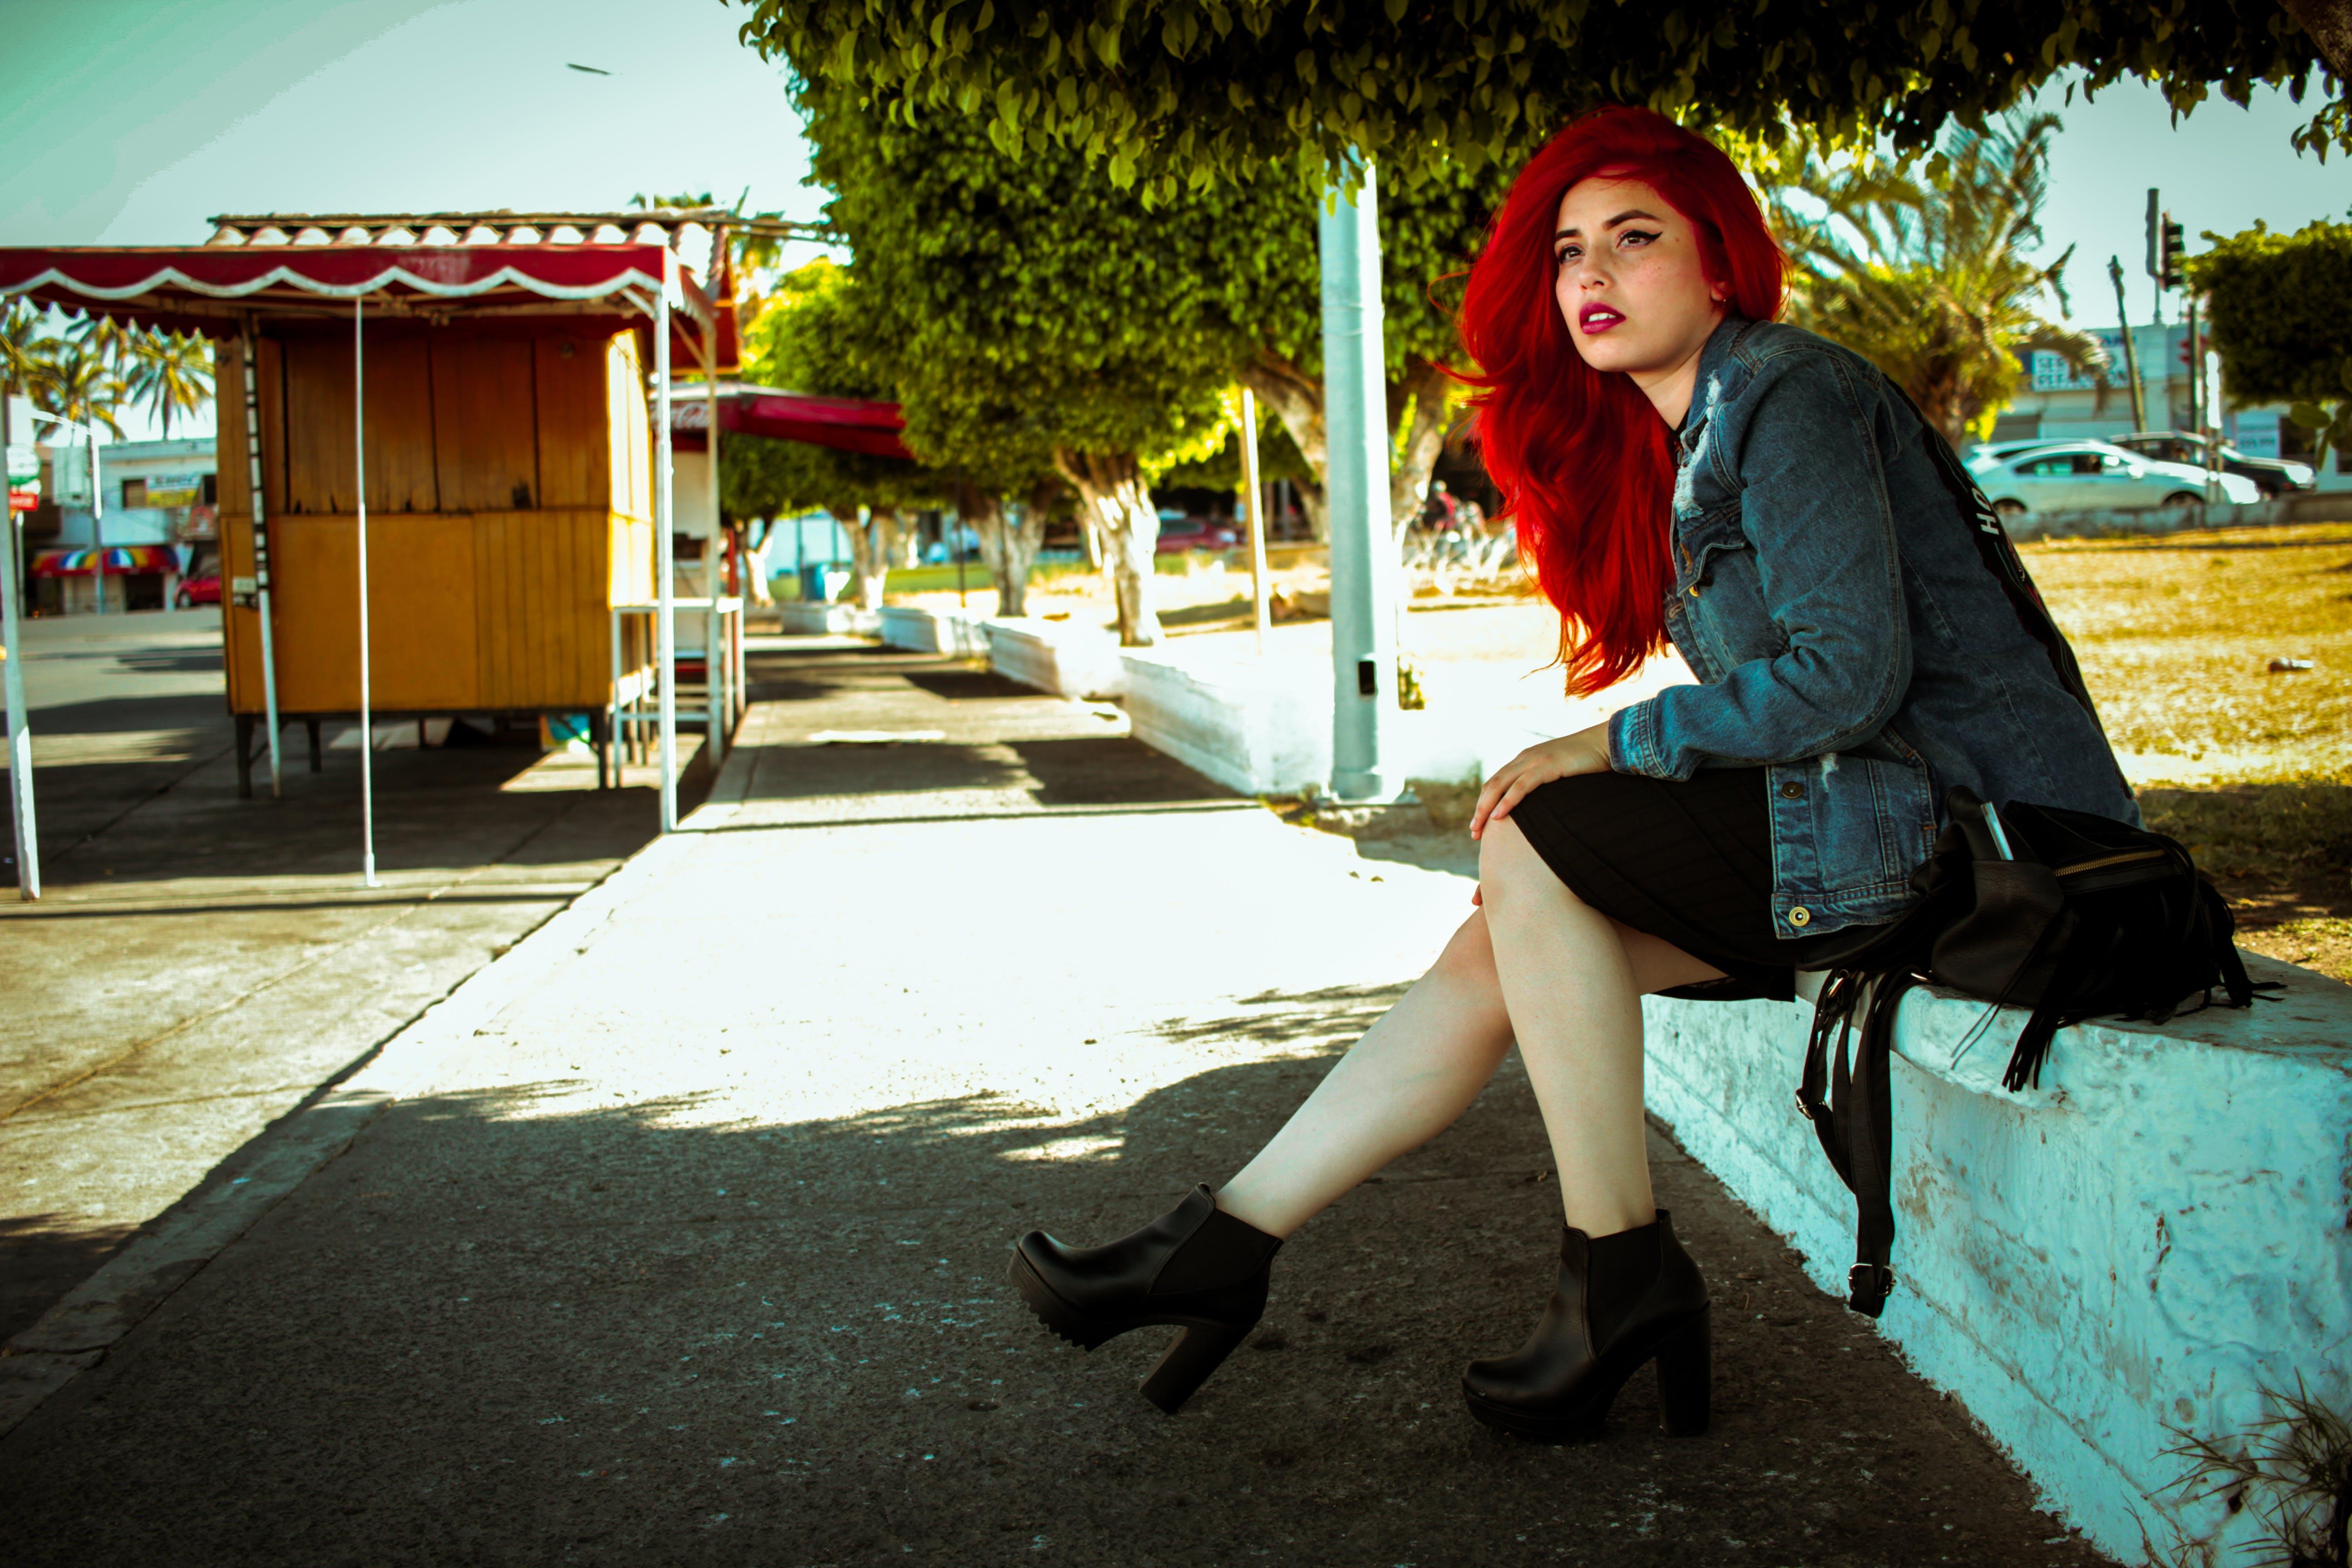 라이프스타일, 빨간 머리, 소녀, 초상화의 무료 스톡 사진